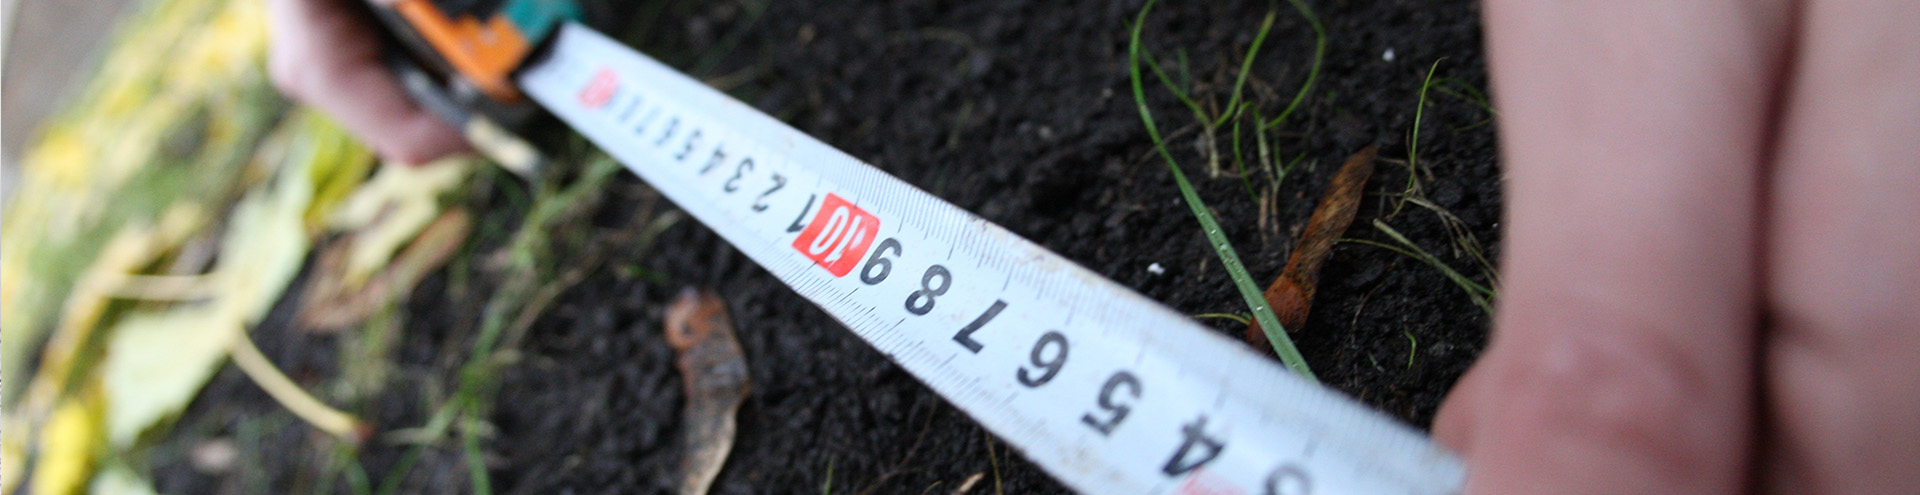 Оспаривание кадастровой стоимости земельного участка в Рязани